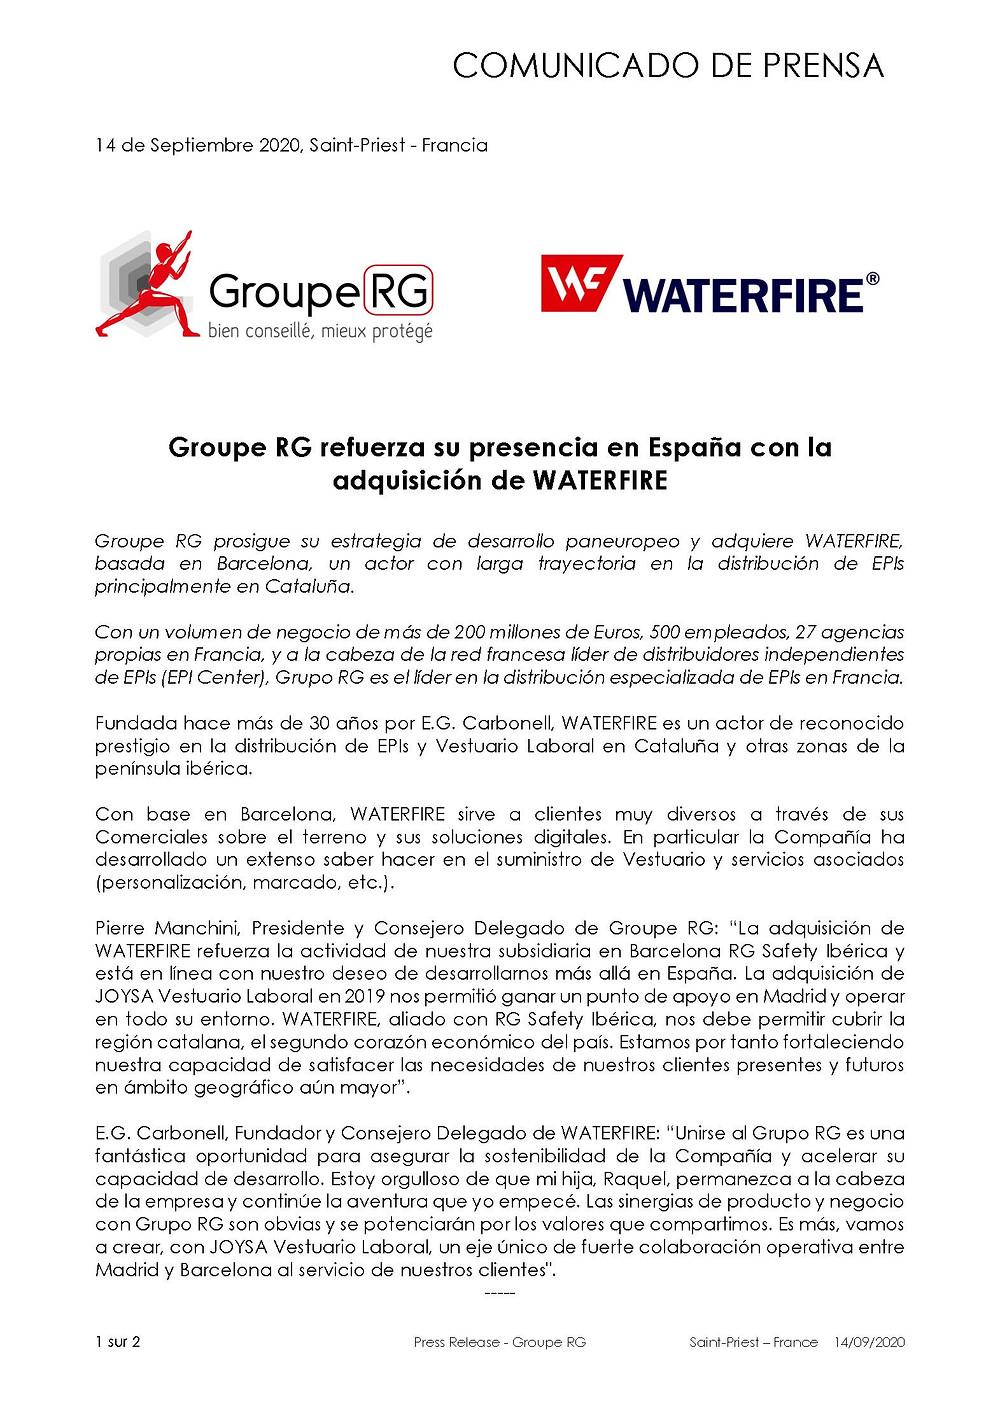 Groupe RG refuerza su presencia en España con la adquisición de WATERFIRE